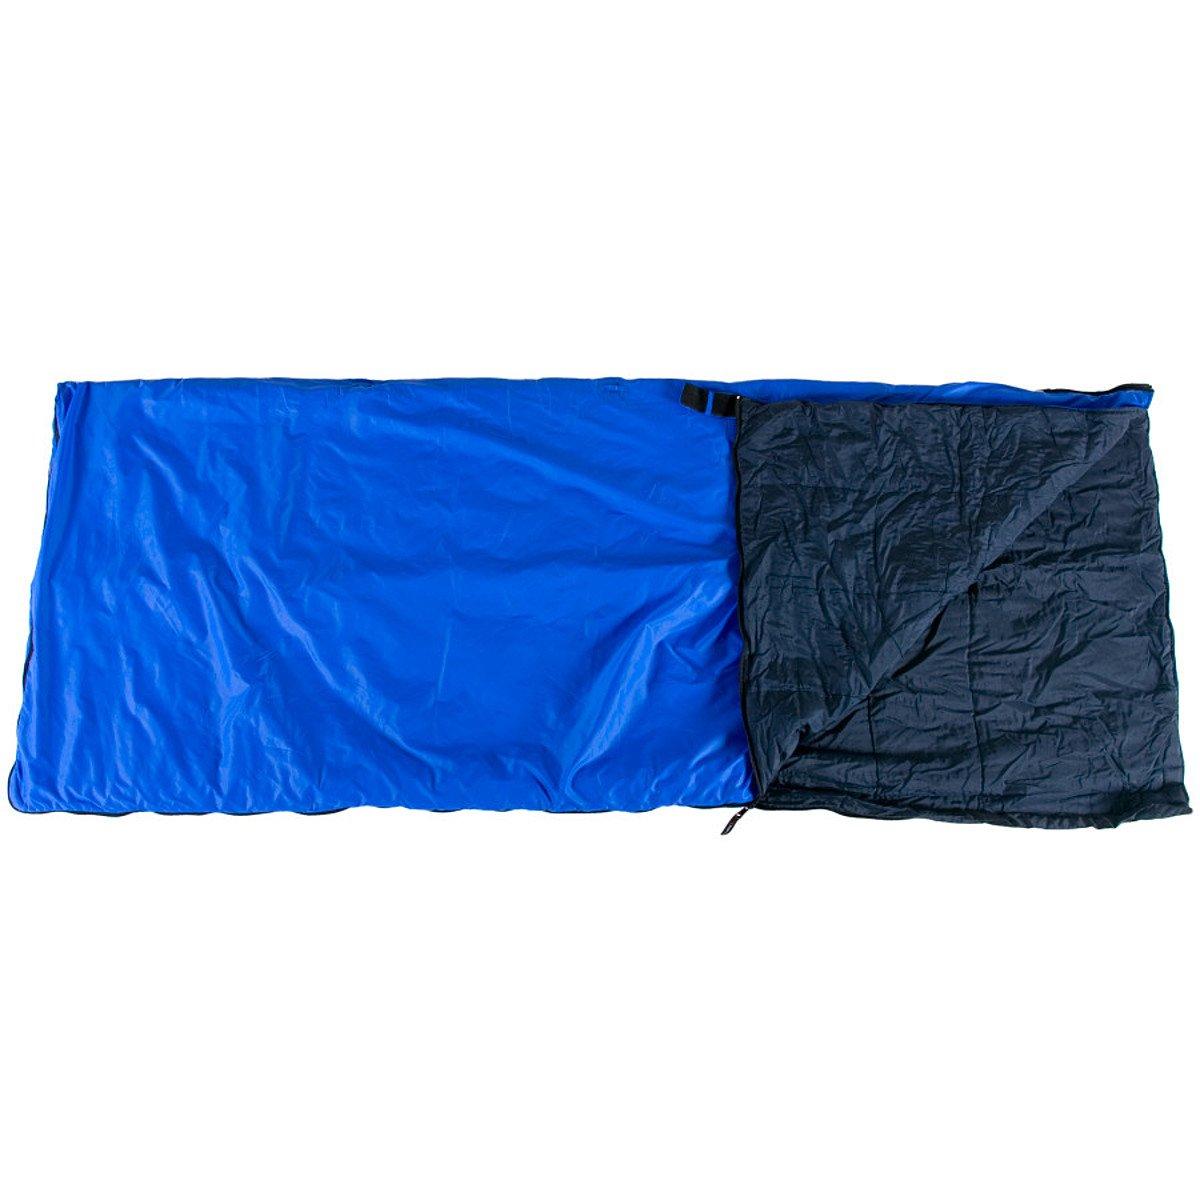 Cocoon Ultra Light Summer Bag tropic traveler silk regular bleu B001DX80G4